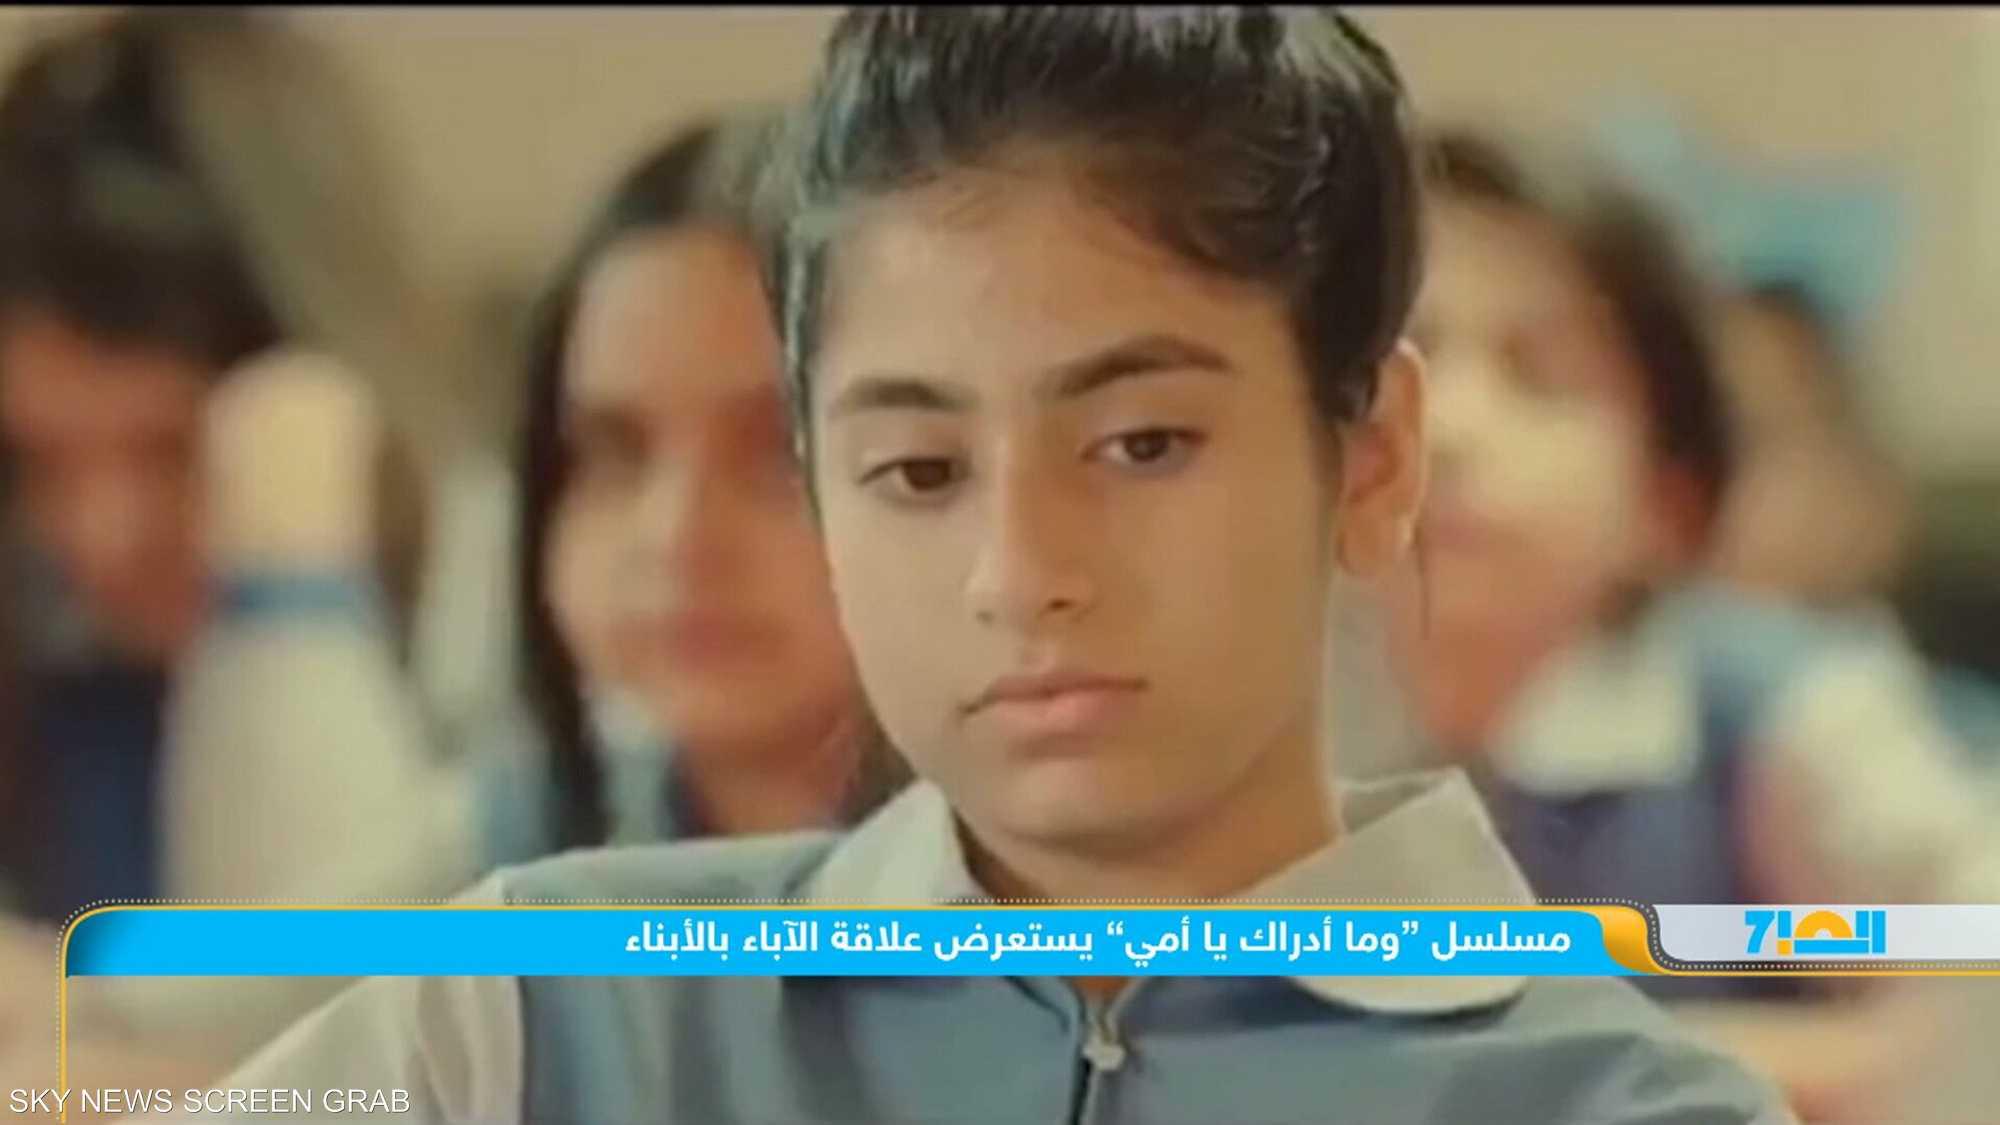 أبرز المسلسلات الخليجية في رمضان 2019